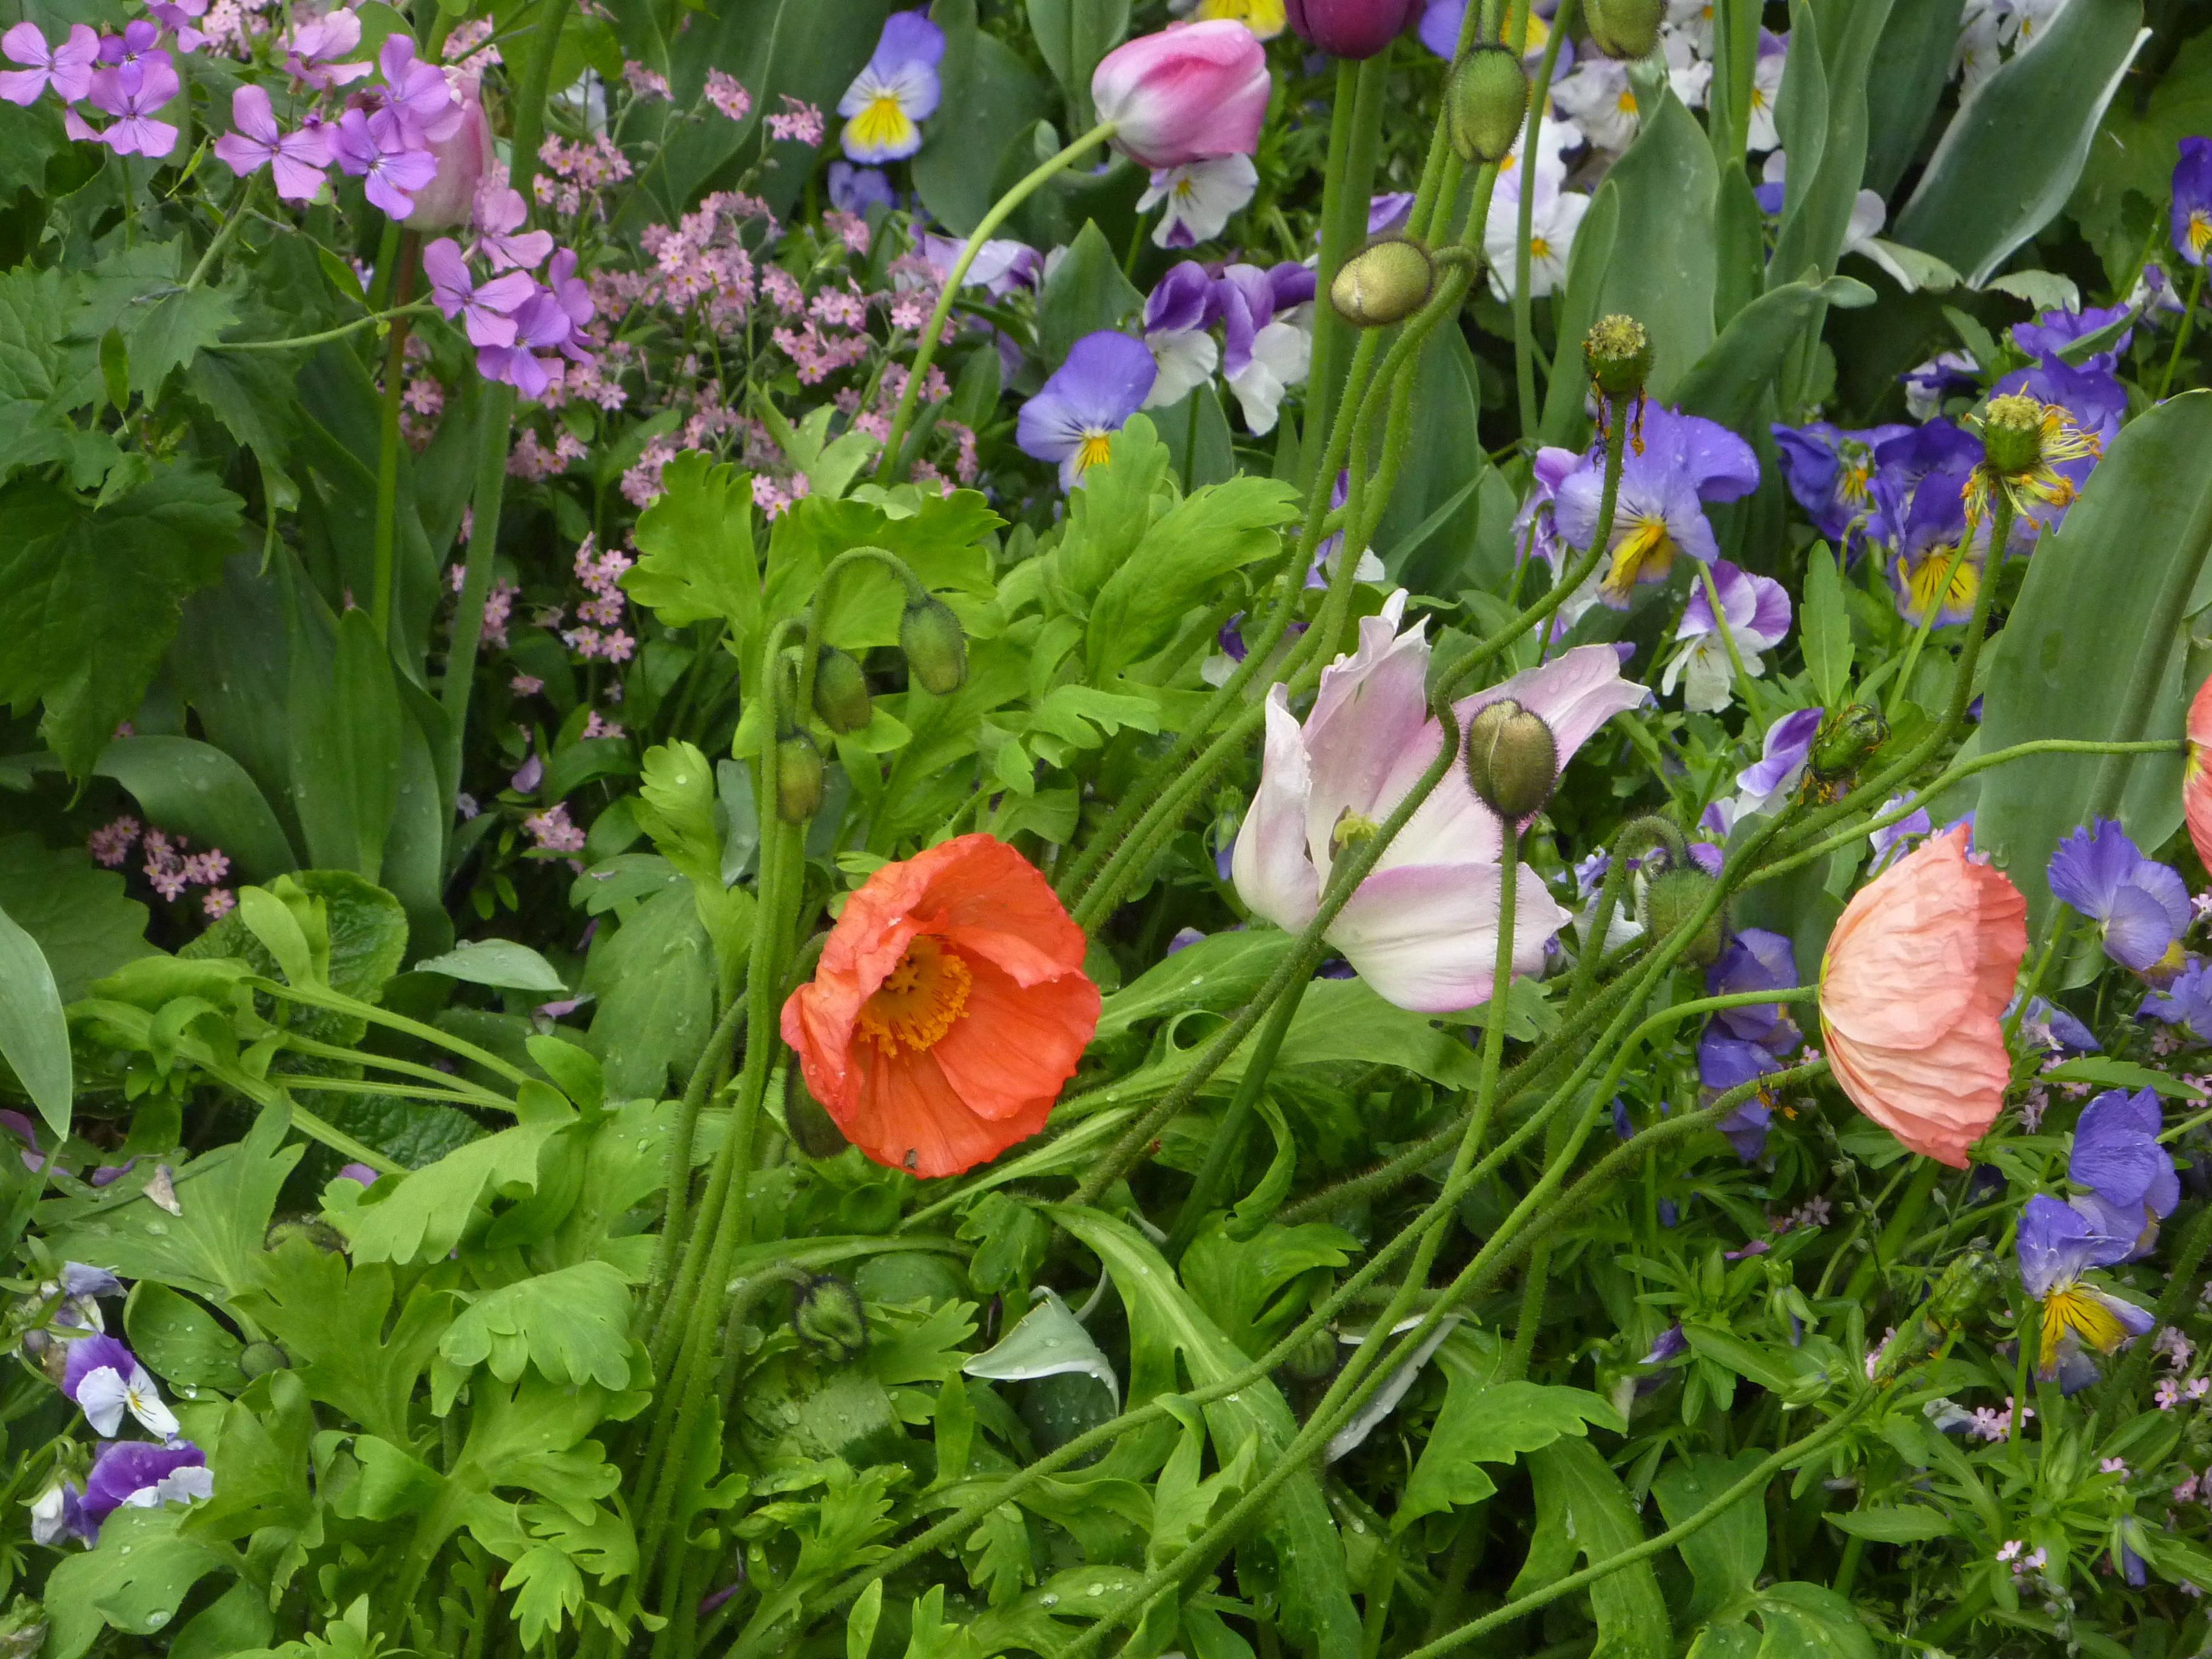 Le parterre fleuri des jardins de l h tel de ville d - Allee de jardin carrossable aulnay sous bois ...